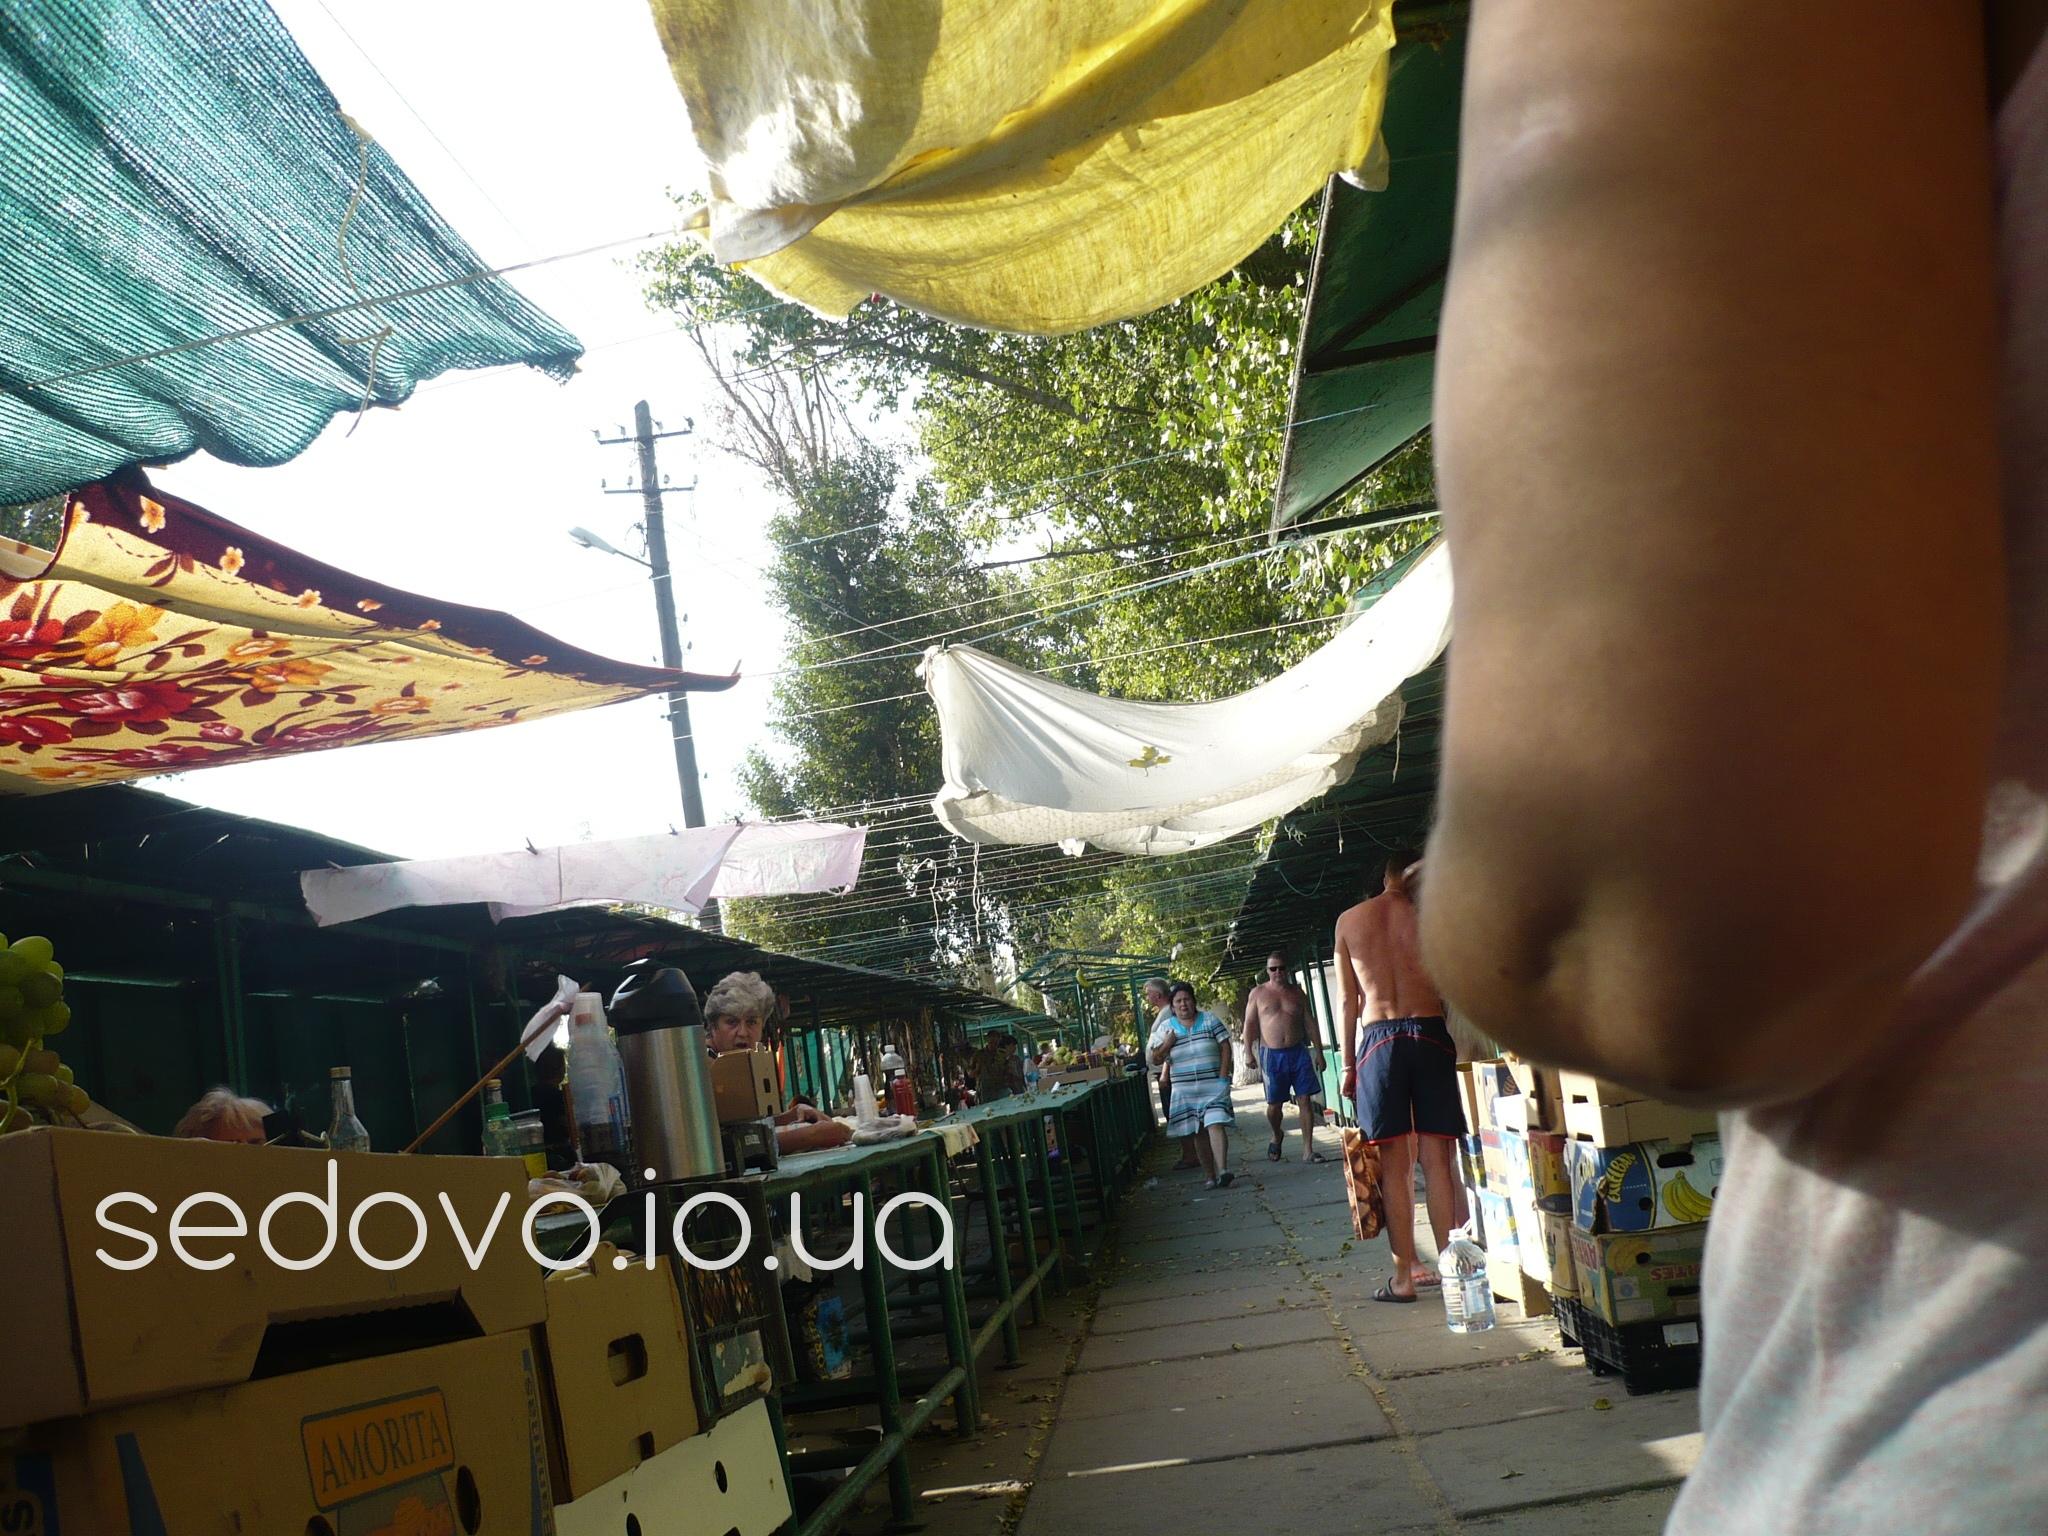 Седово рынок базар цены стоимость рыбы продукты овощи фрукты